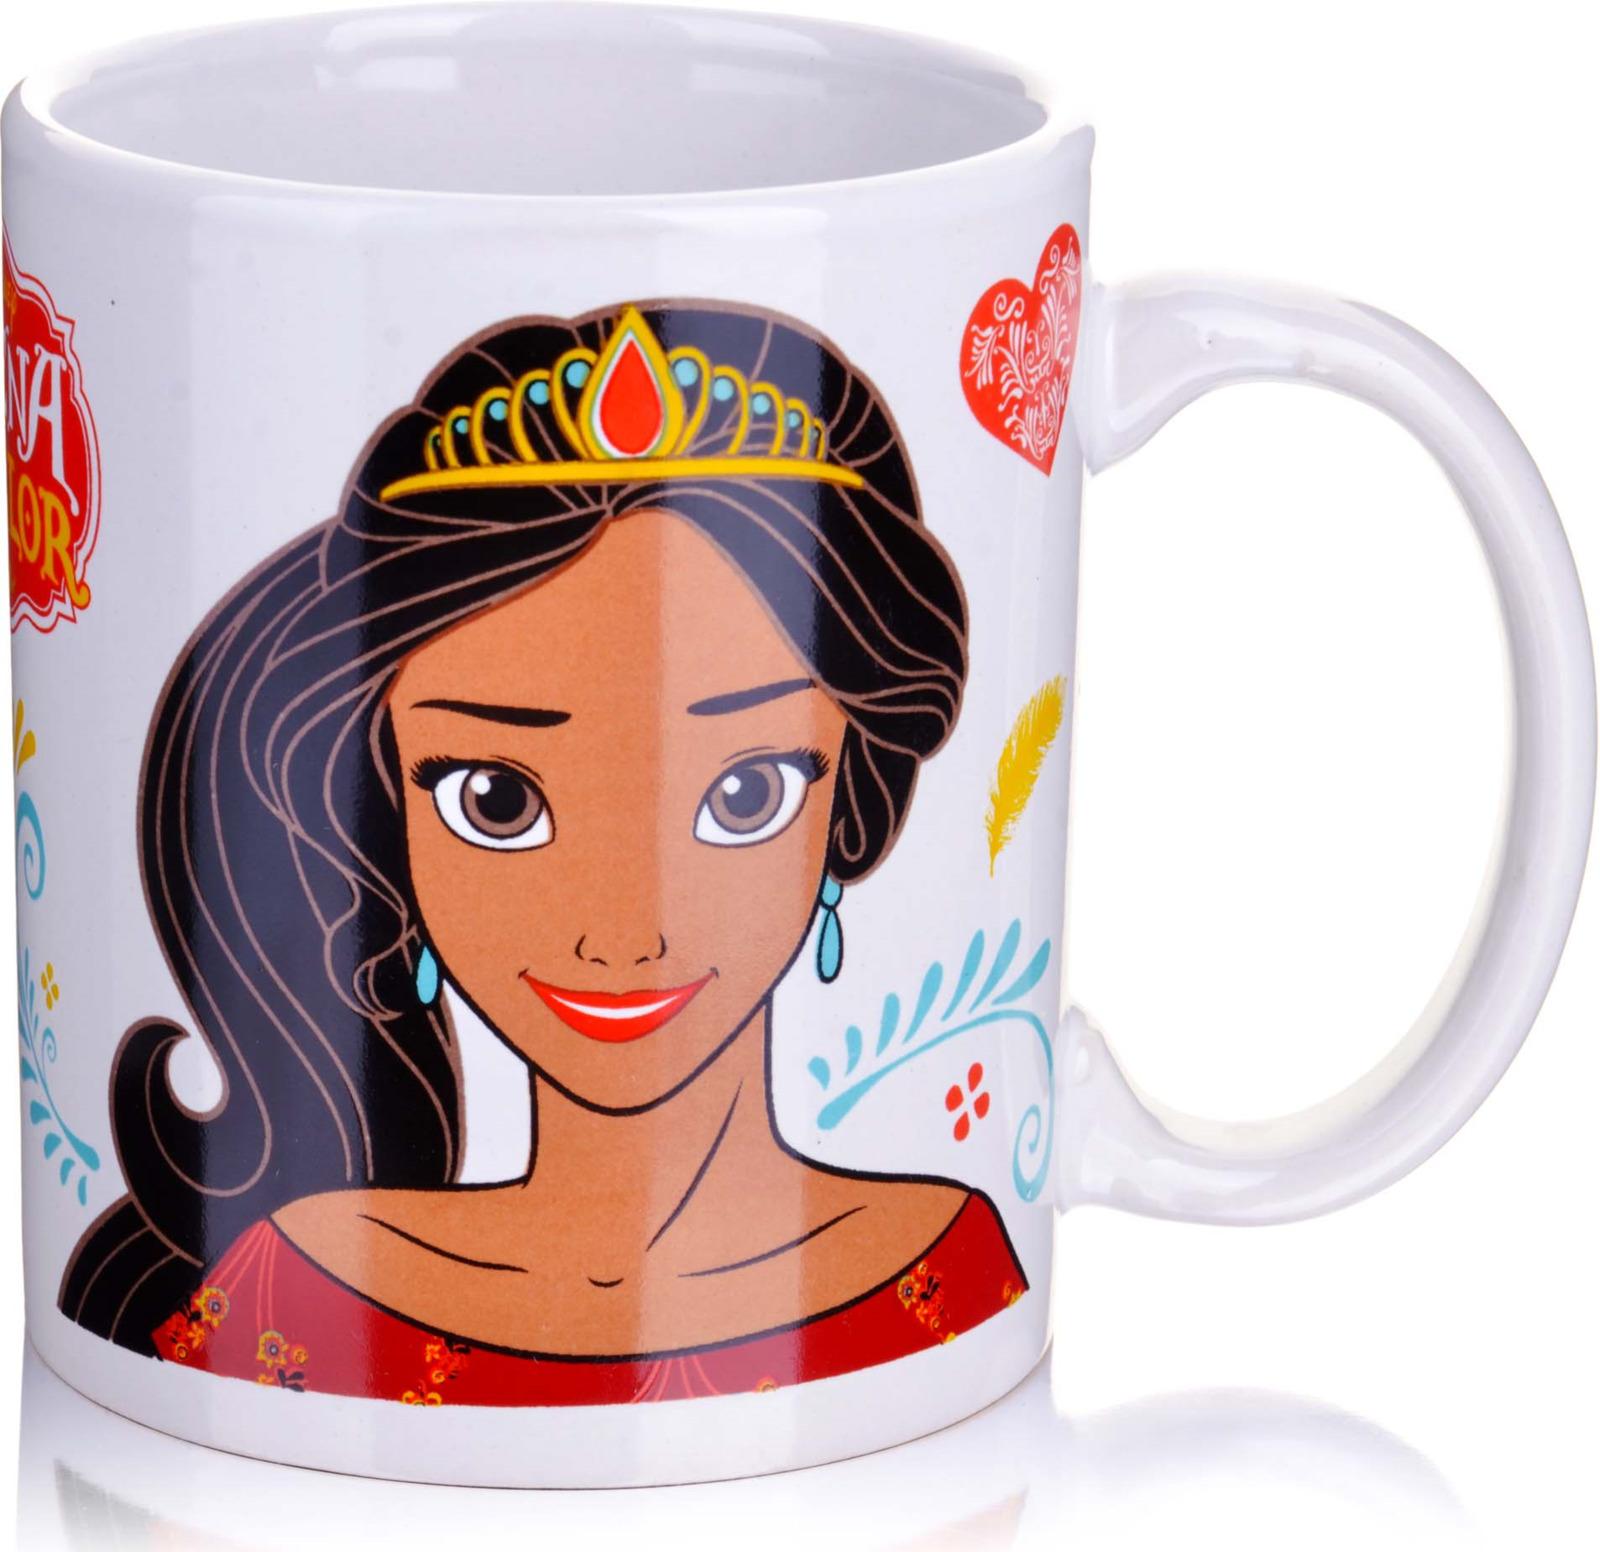 Кружка Disney, выполненный из высококачественной керамики и декорированы красочным рисунком. Такая кружка обязательно понравится вашему ребенку, потому что теперь у него будет своя собственная посуда с изображением героев популярных мультиков. Кружка Disney - идеальный подарок для вашего ребенка. Подходит для мытья в посудомоечной машине.